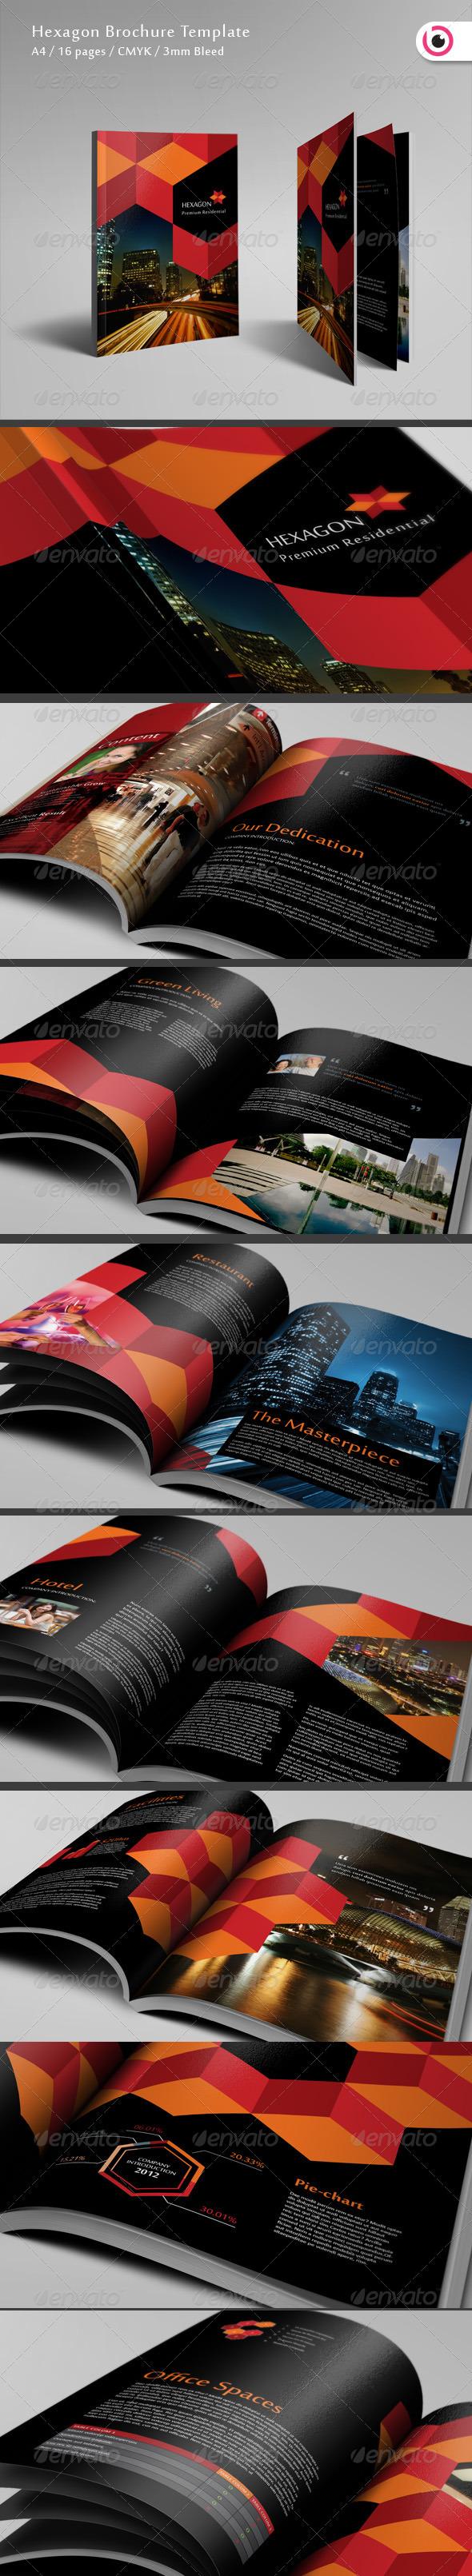 Hexagon Brochure 16 Pages - Corporate Brochures